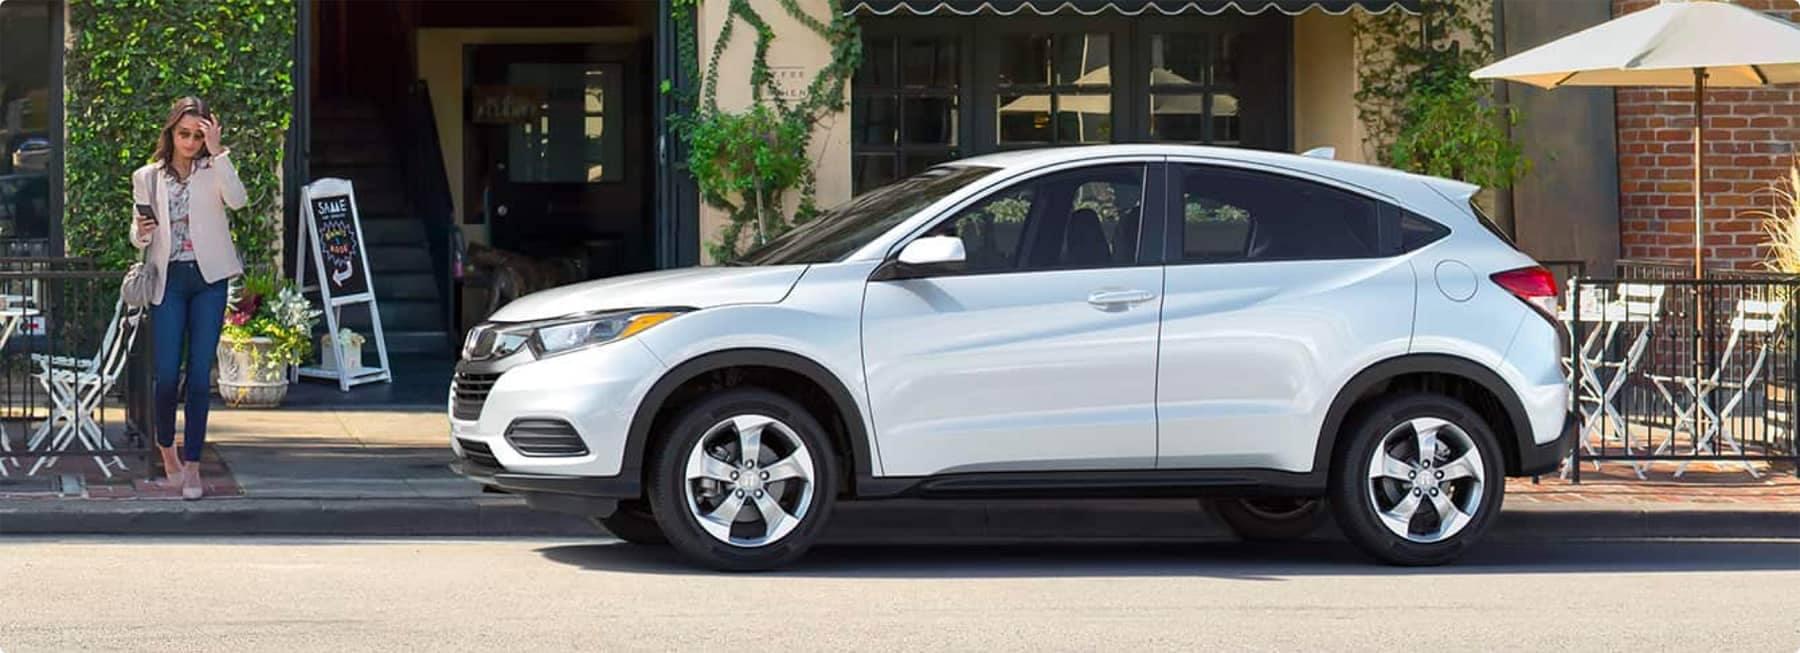 White Honda SUV